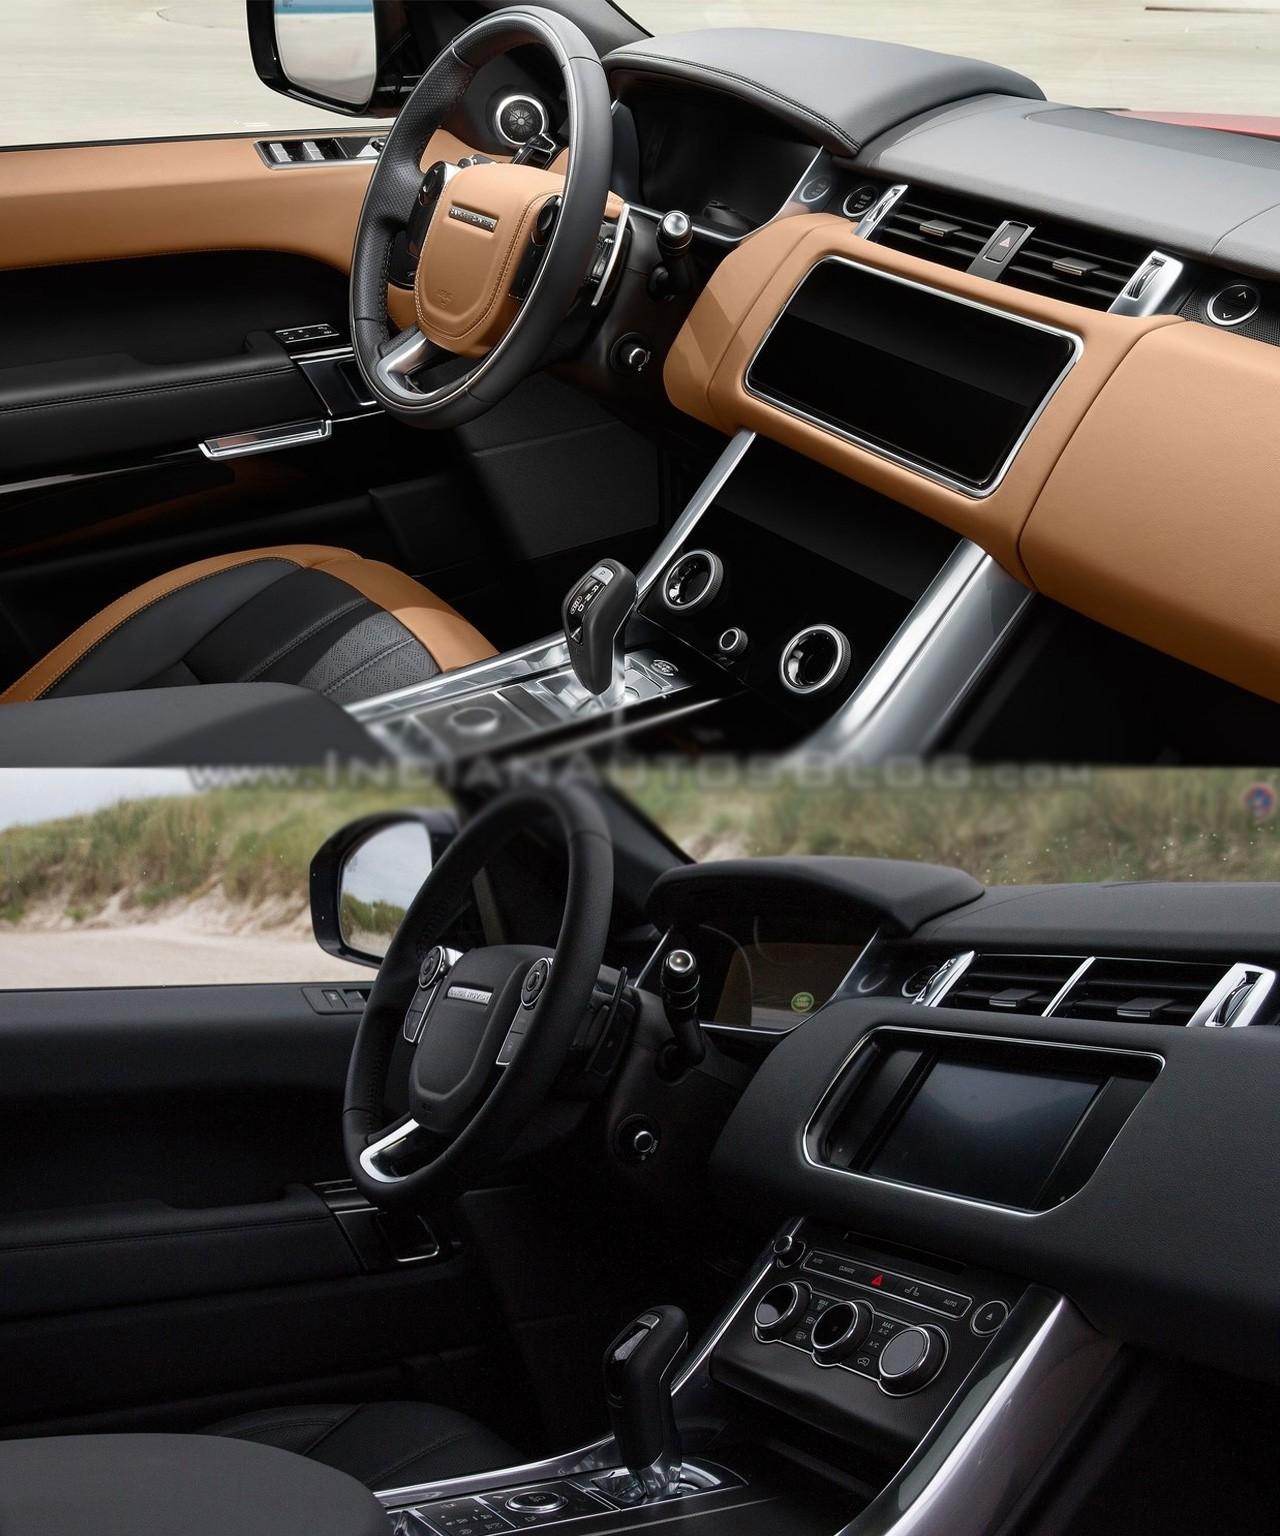 Xe++ - Range Rover Sport 2018 có gì khác biệt so với phiên bản đời cũ? (Hình 4).